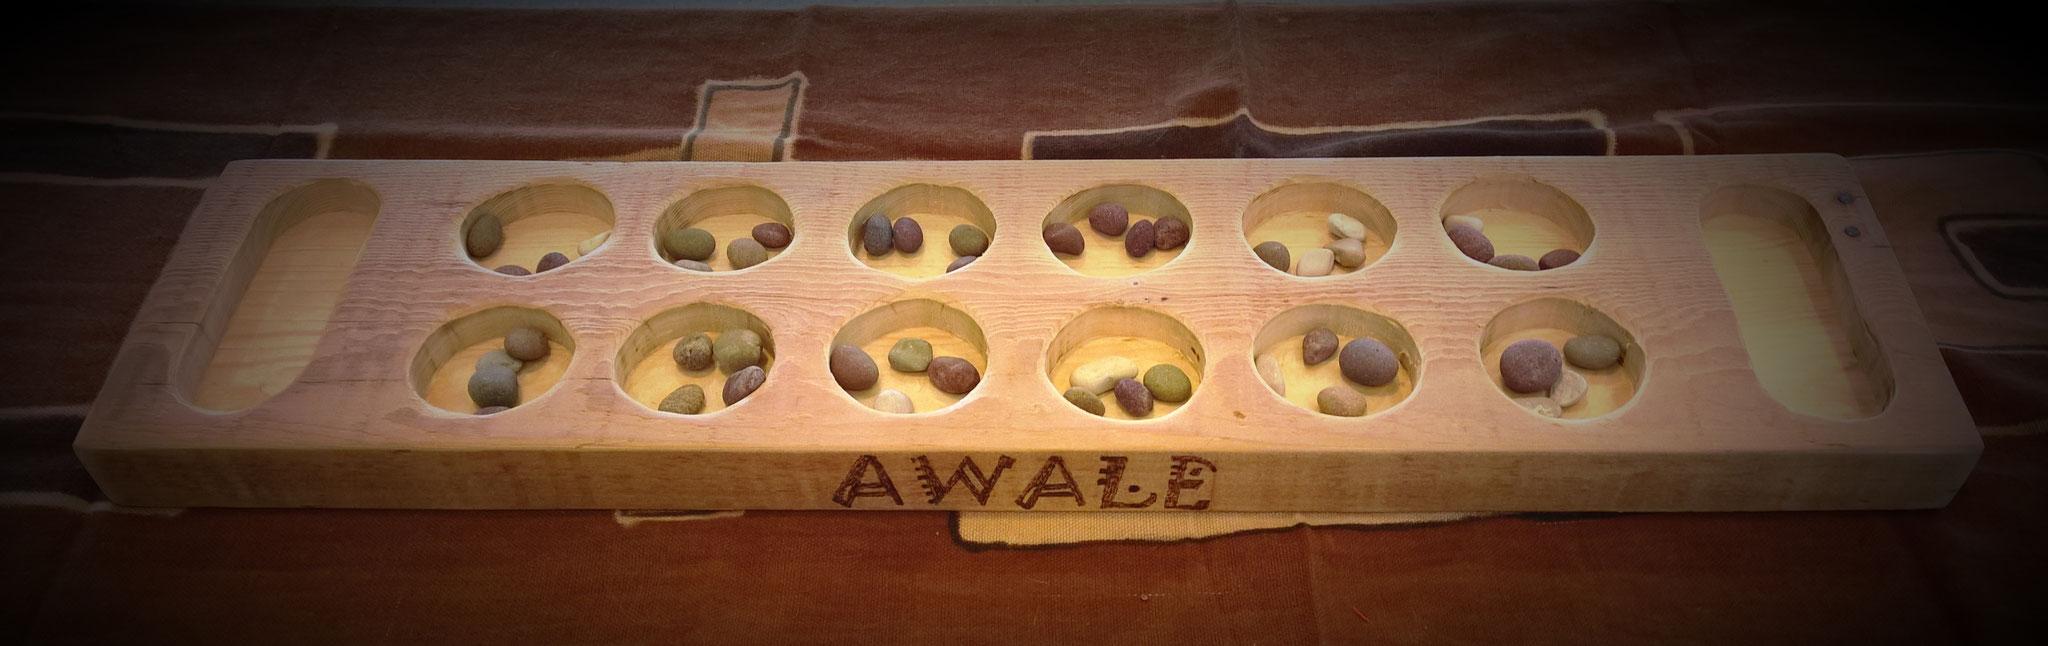 l'Awalé de la famille des mancalas, l'un des jeux le plus répandu en Afrique et ayant le plus voyagé avec les migrations des peuples